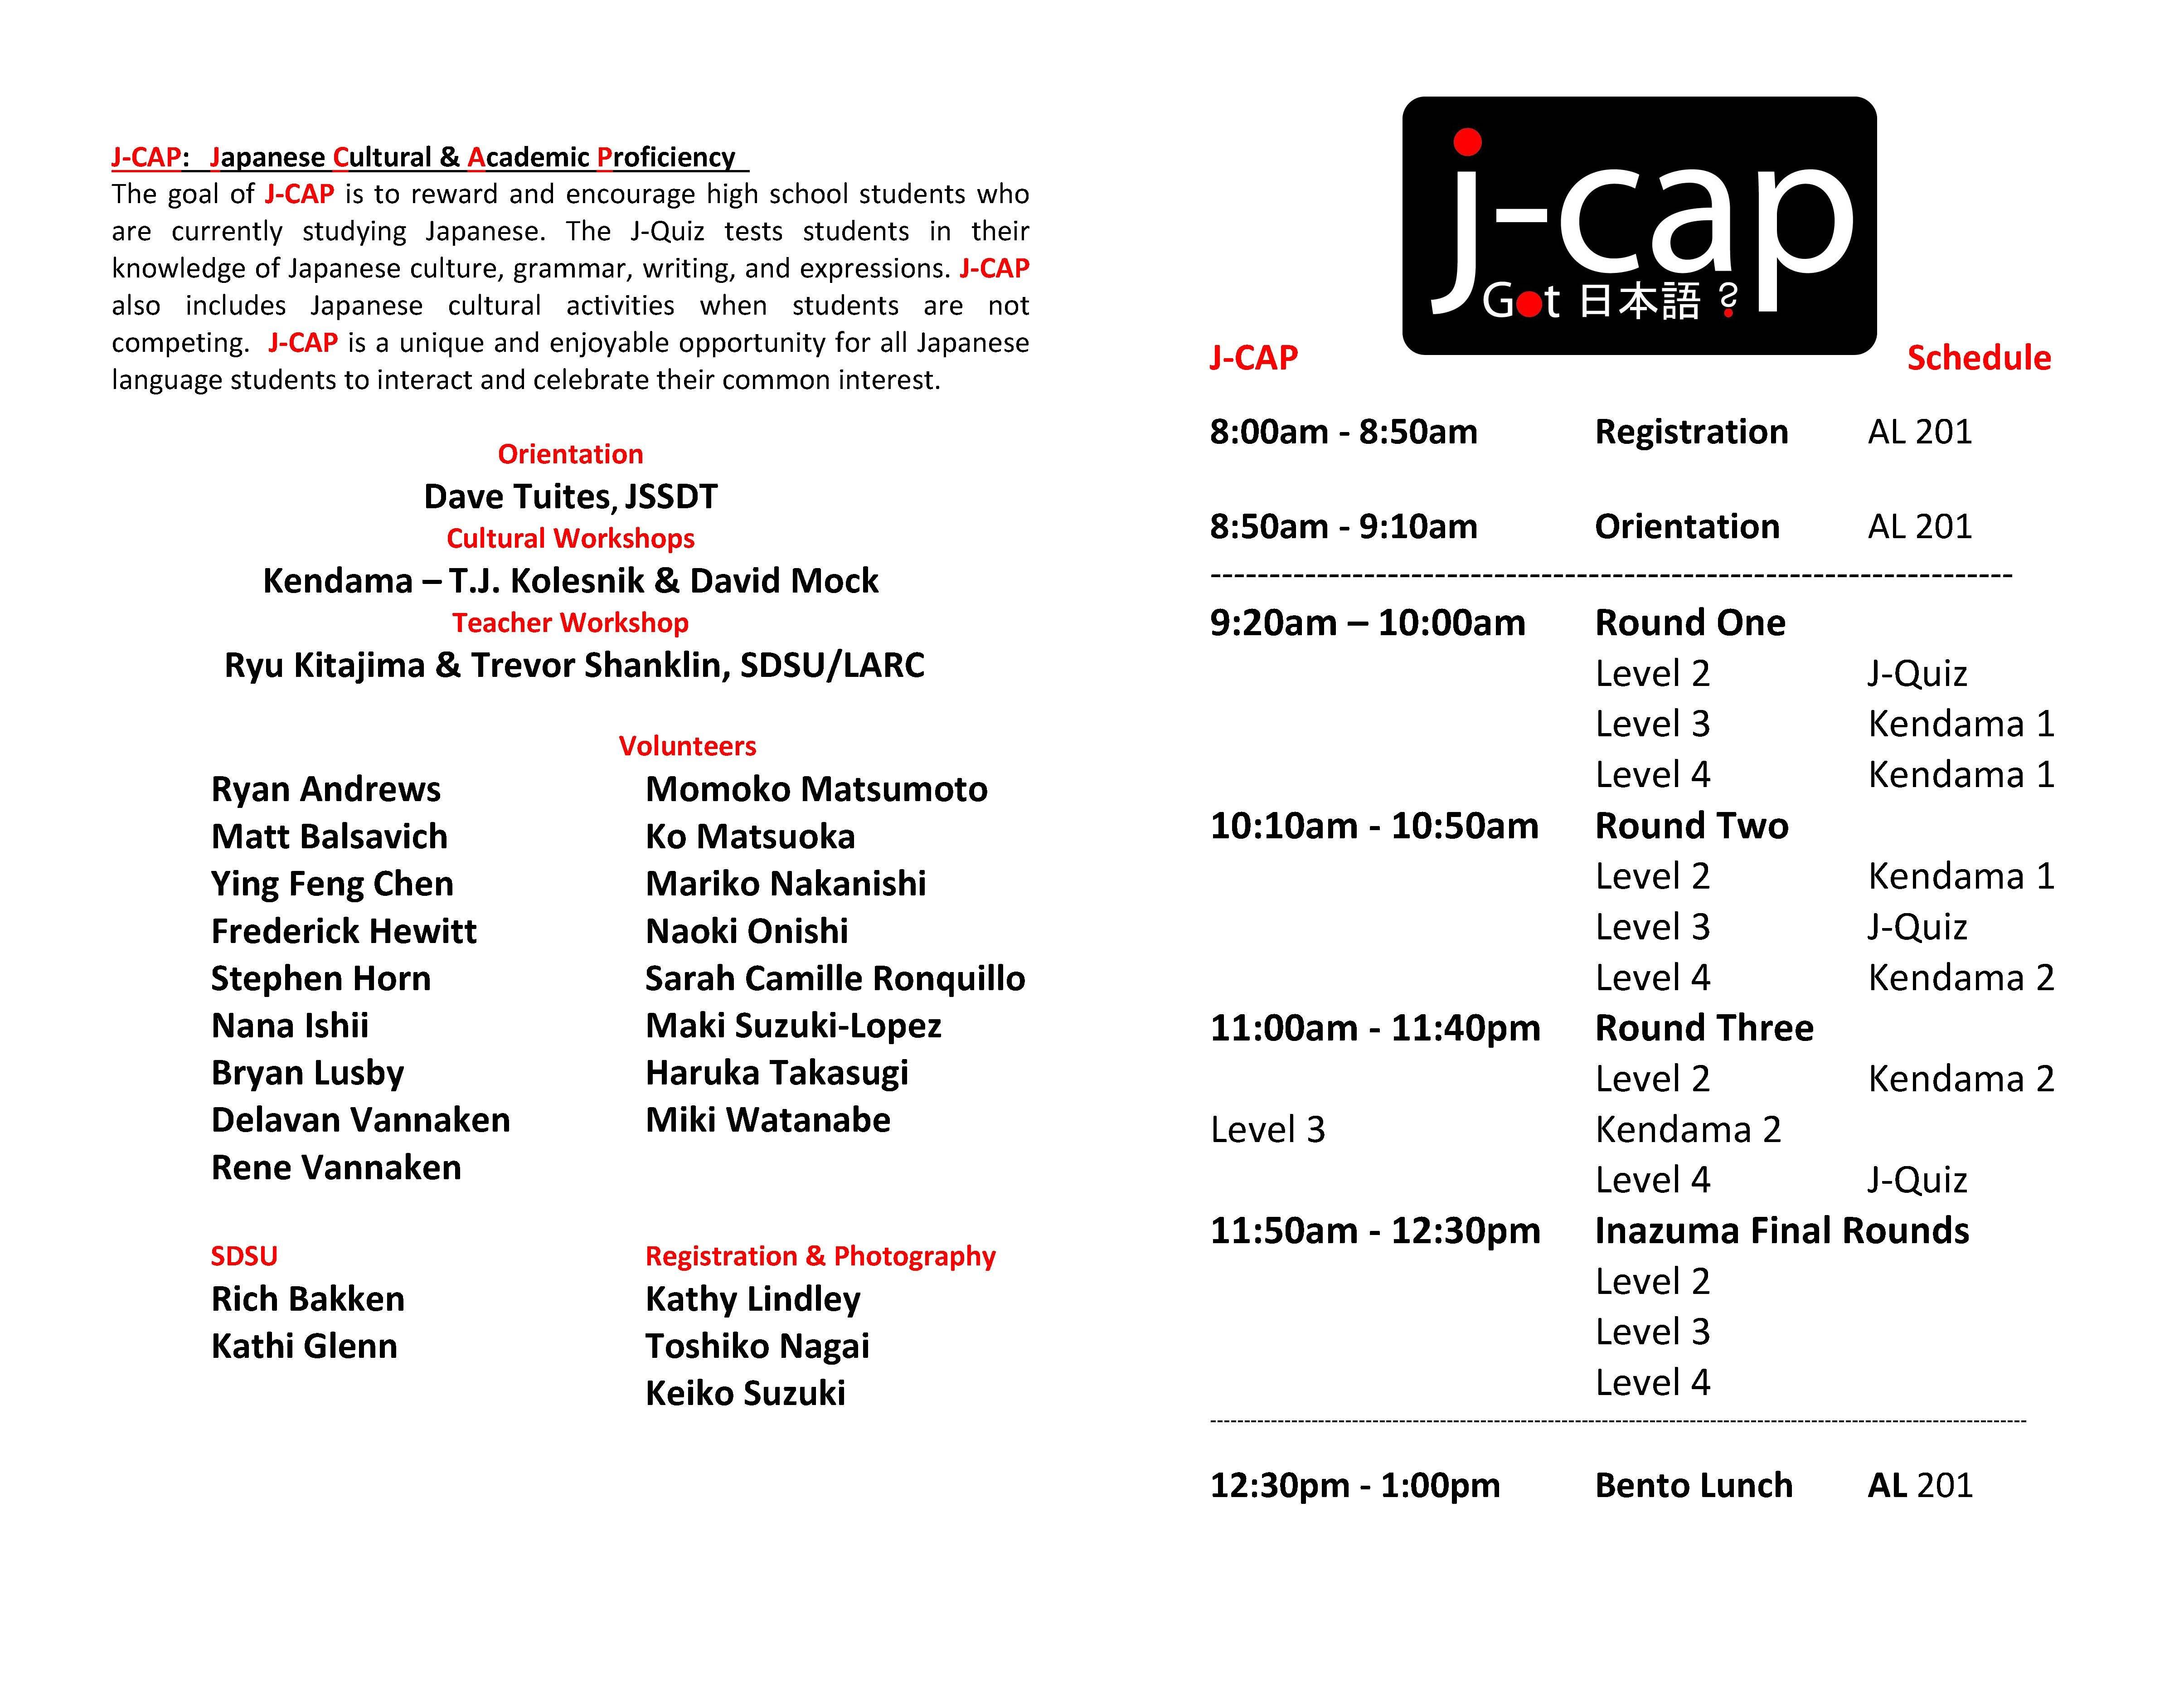 JCAP Schedule